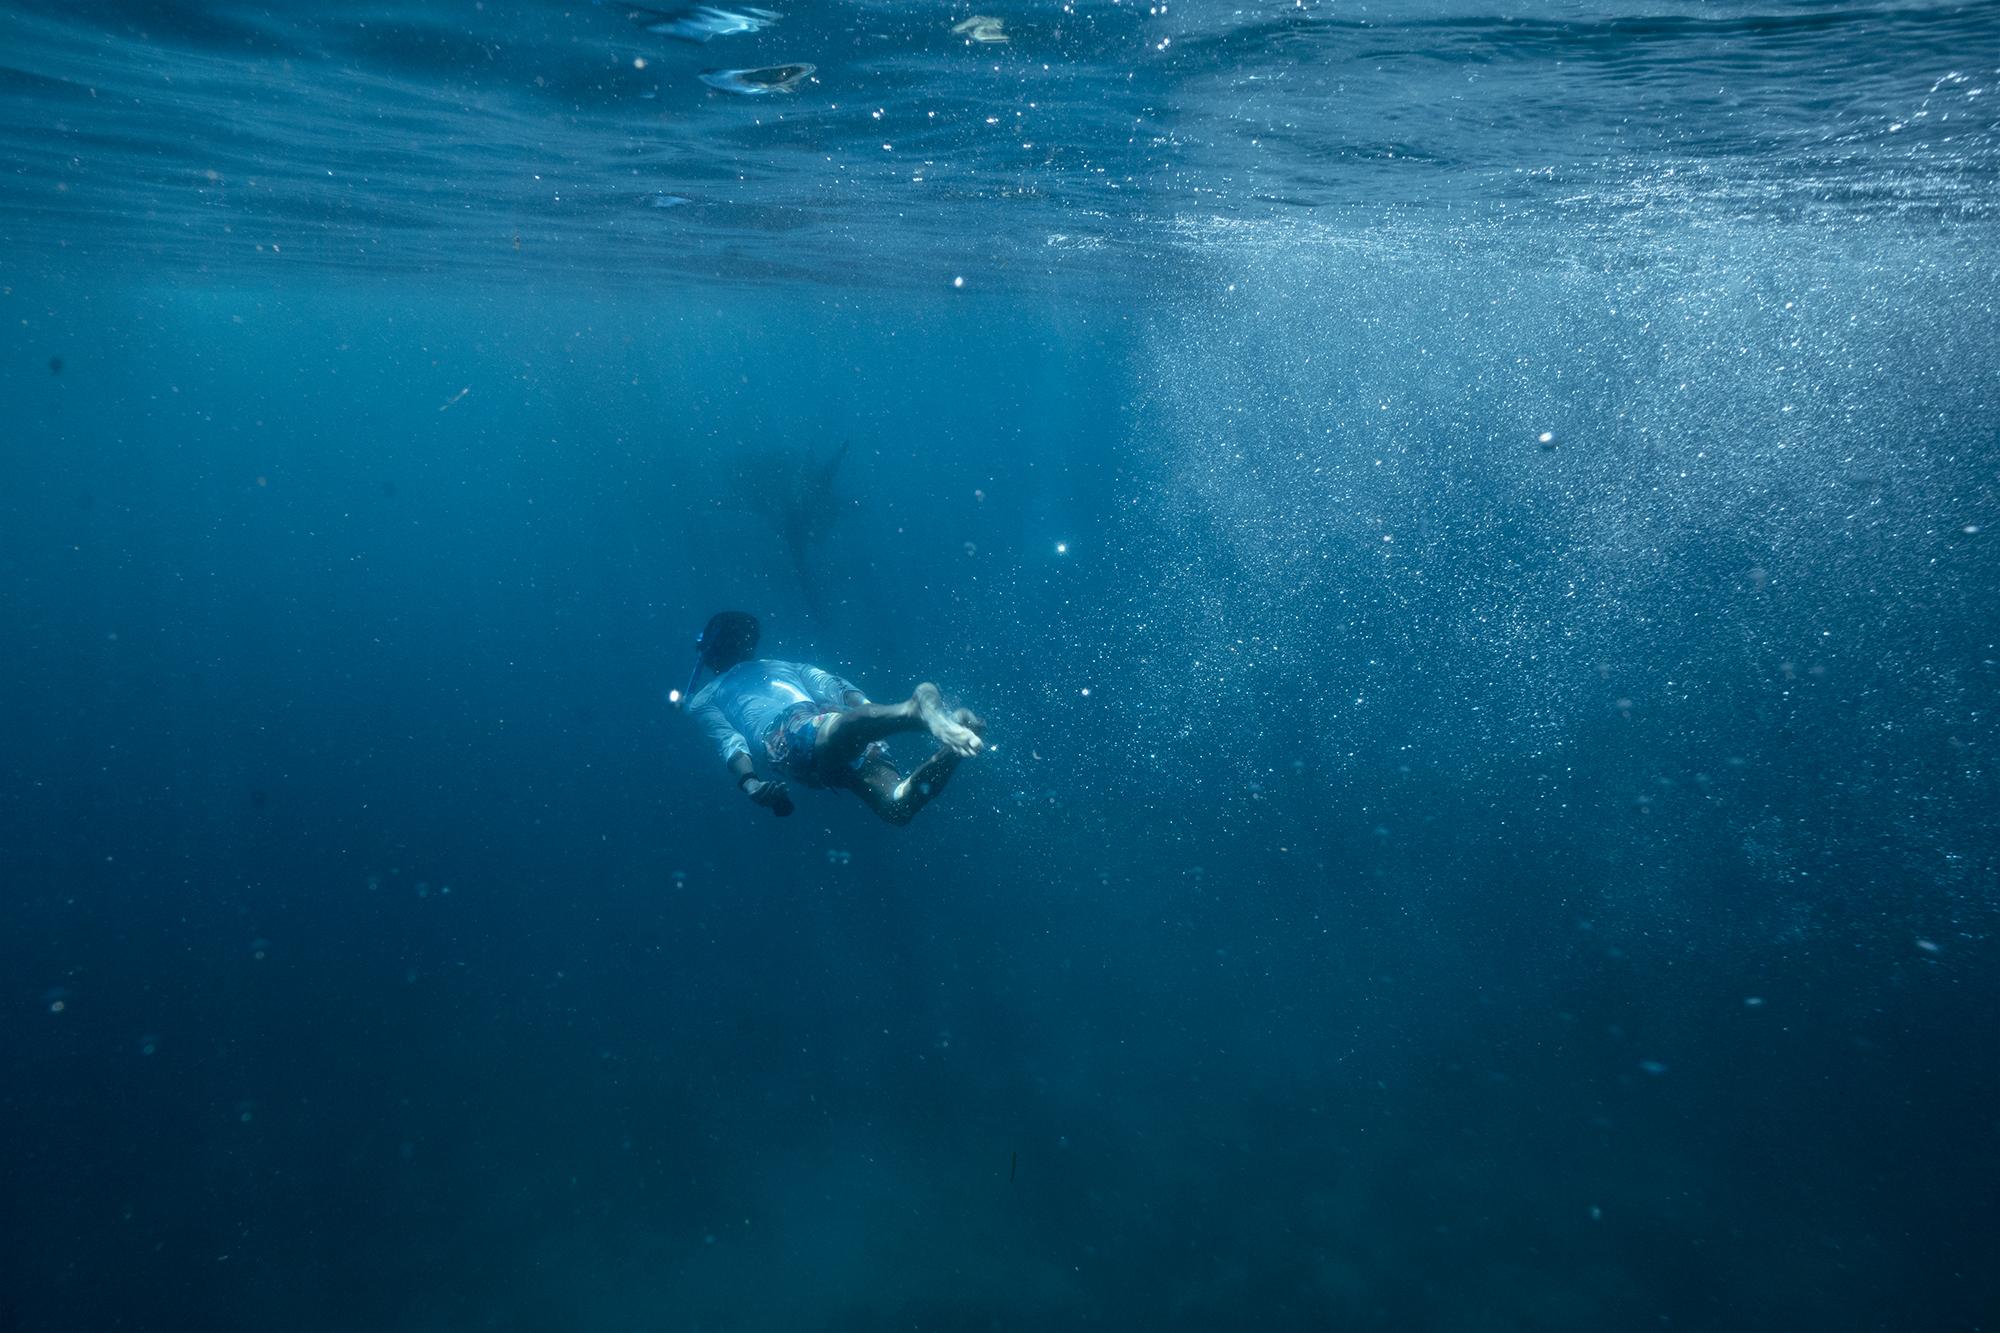 WhaleShark-Cebu-Oslob-hobo-life-hoang-m-nguyen